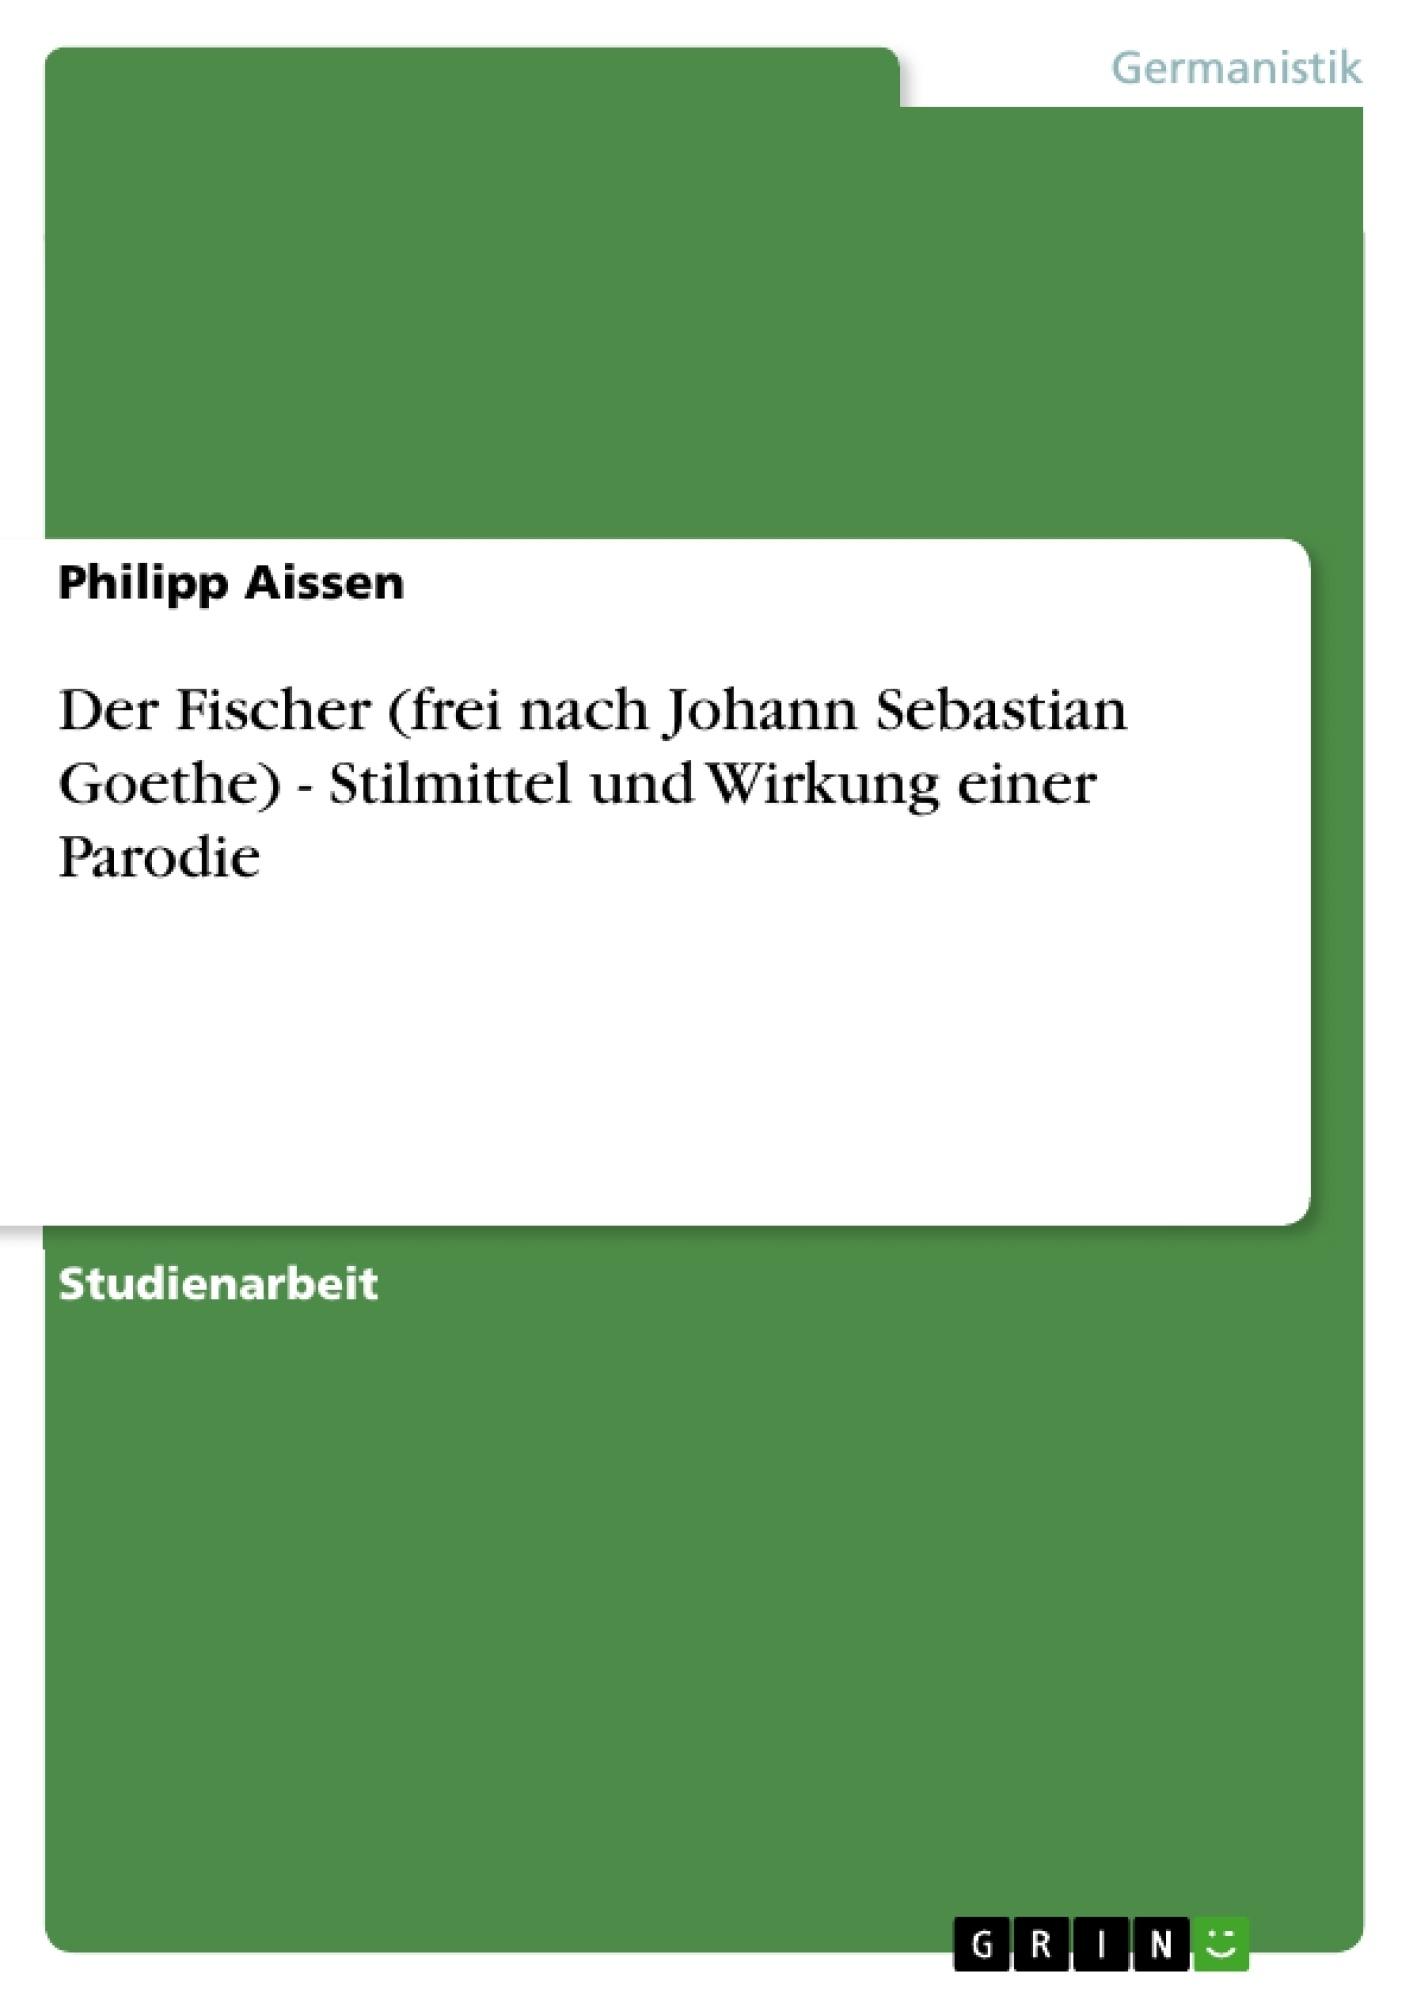 Titel: Der Fischer (frei nach Johann Sebastian Goethe) - Stilmittel und Wirkung einer Parodie